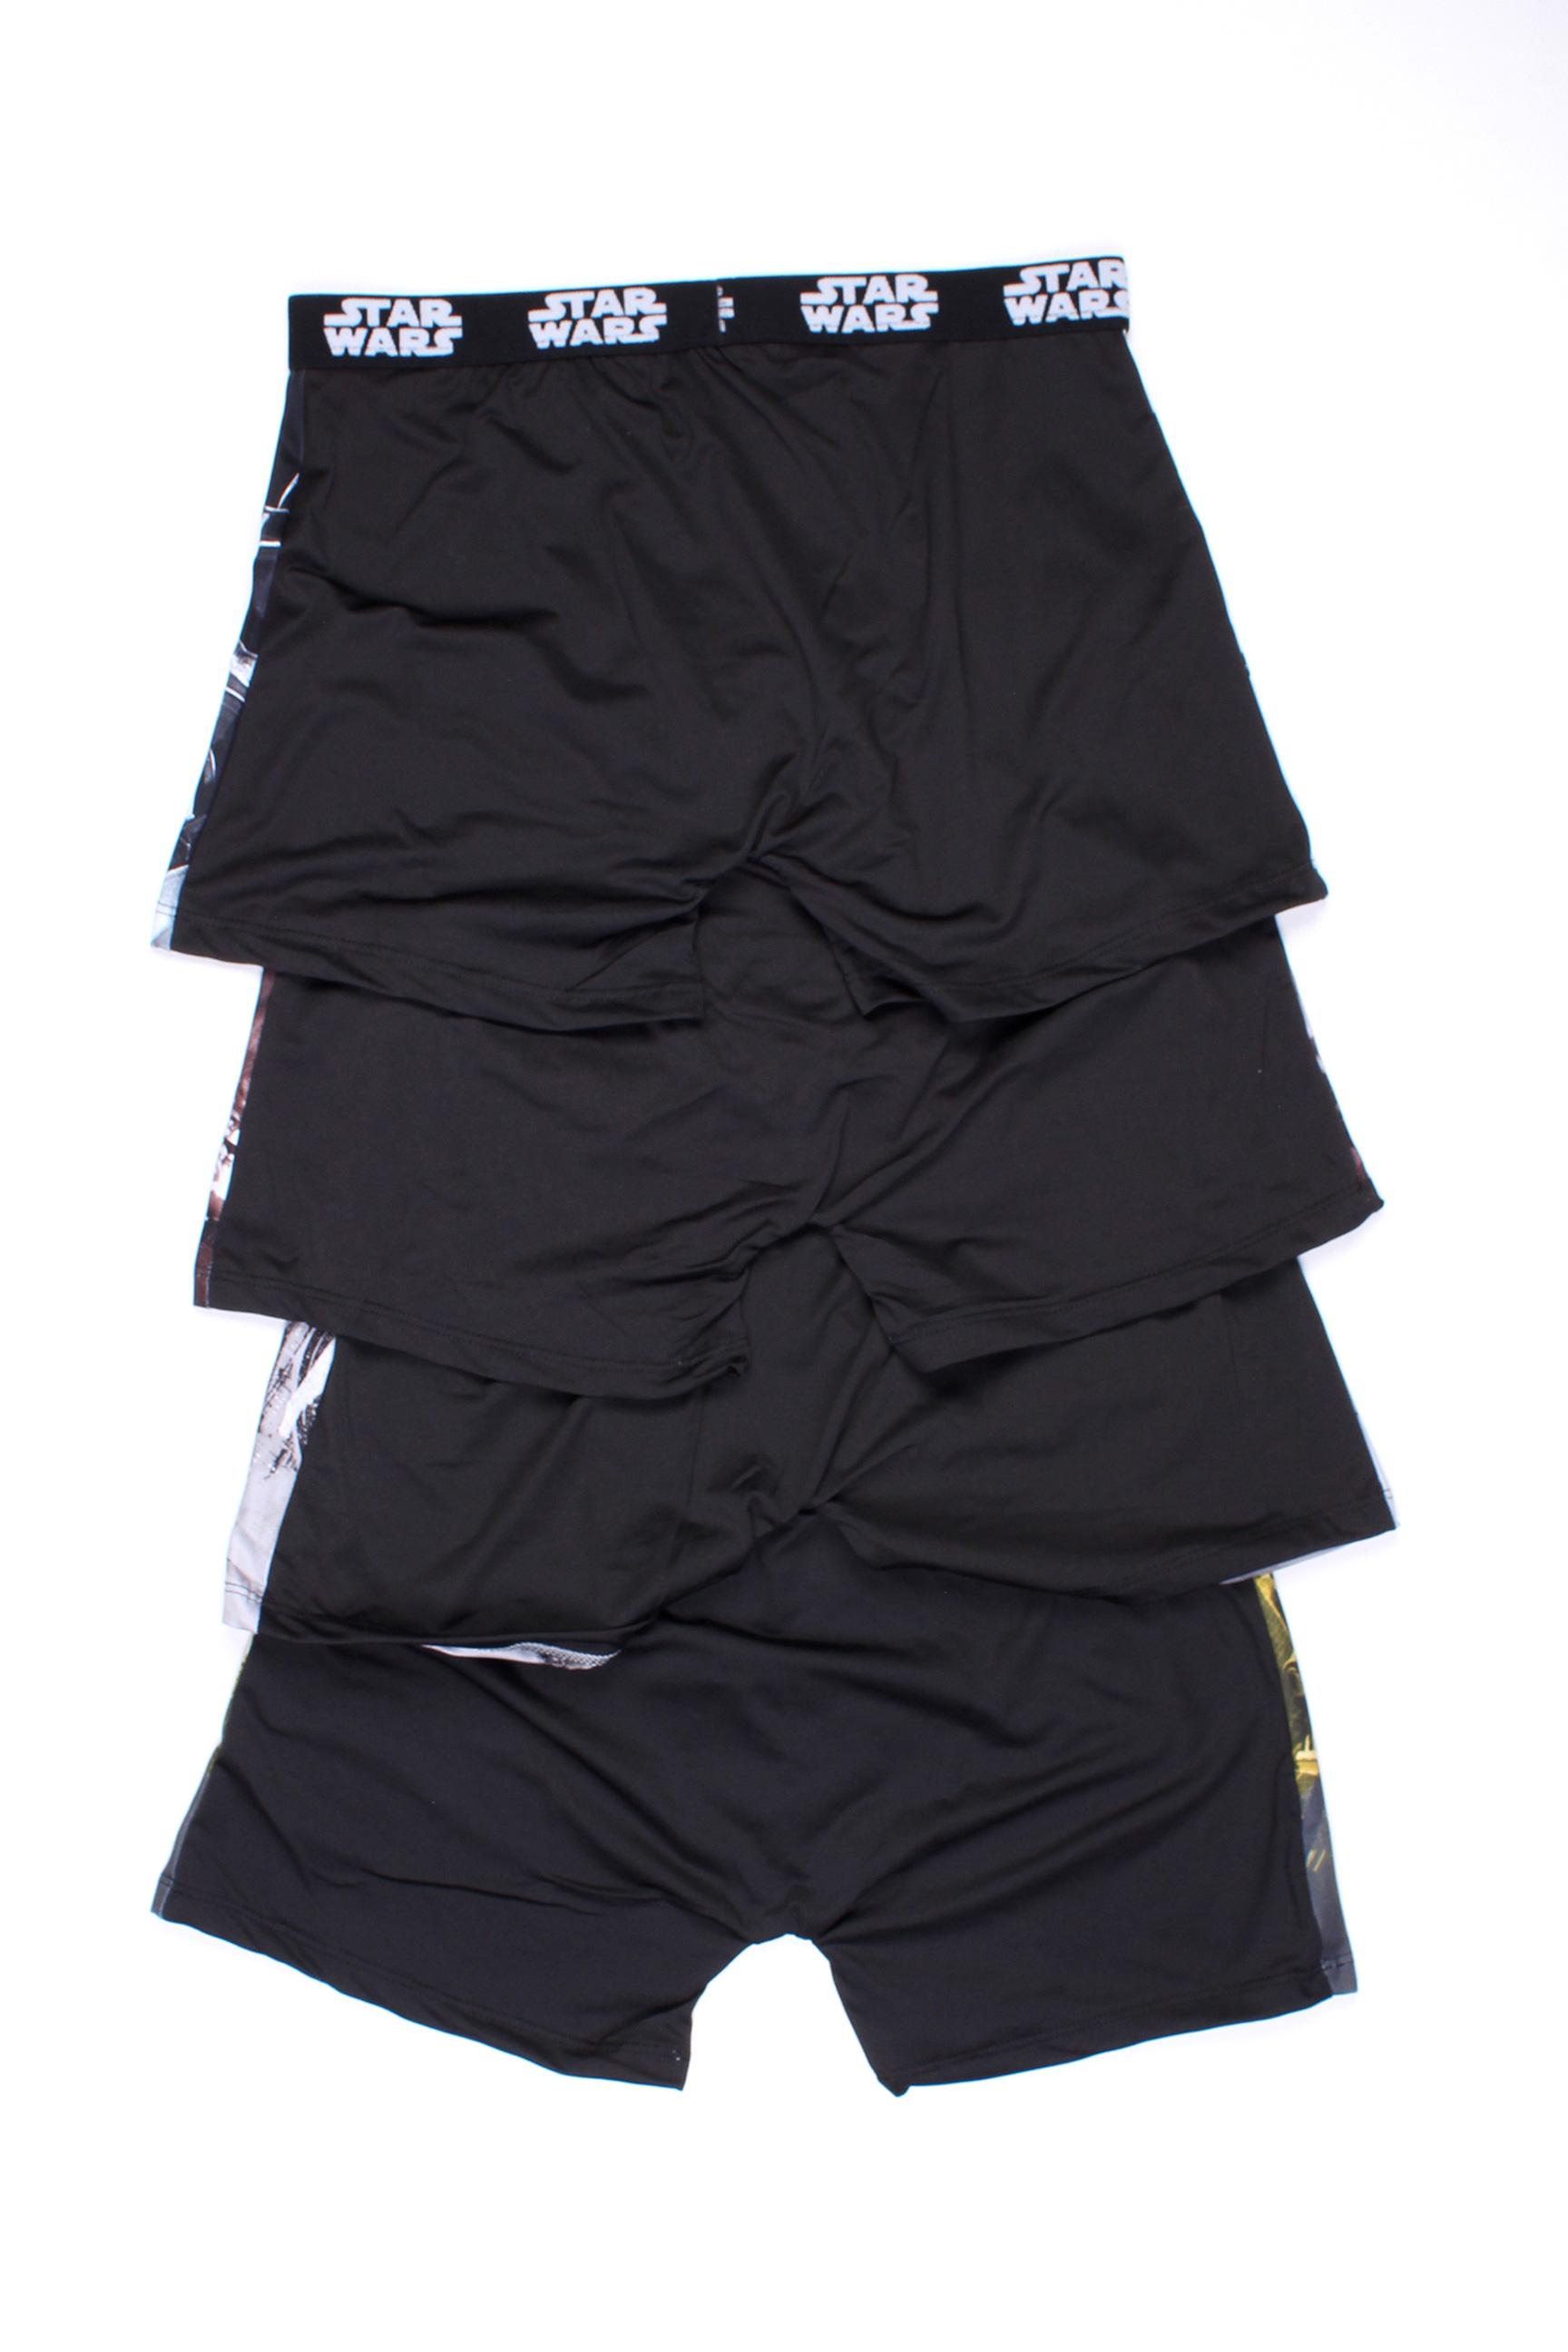 Freegun Shortys Boxers Homme De Couleur Noir En Soldes Pas Cher 1386598-noir00